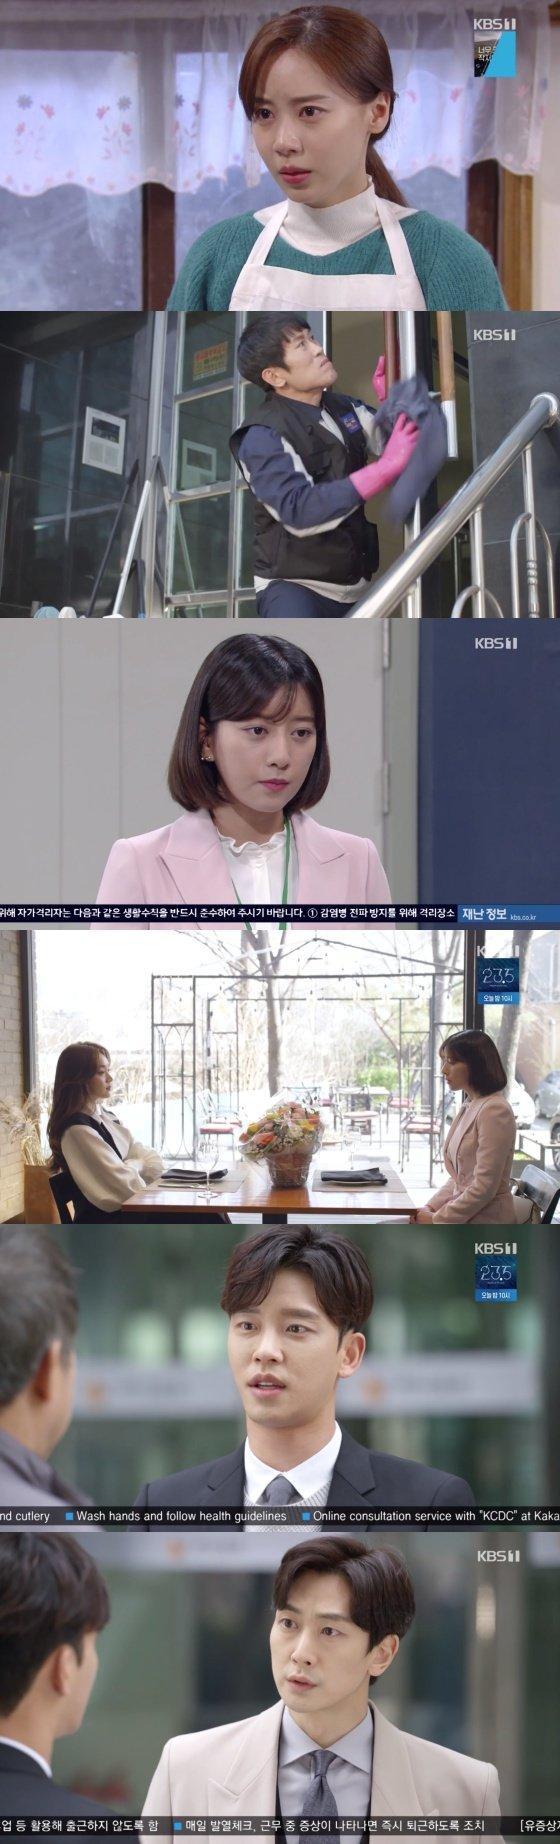 """/사진= KBS 1TV 일일드라마 \'꽃길만 걸어요"""" 방송화면 캡쳐"""